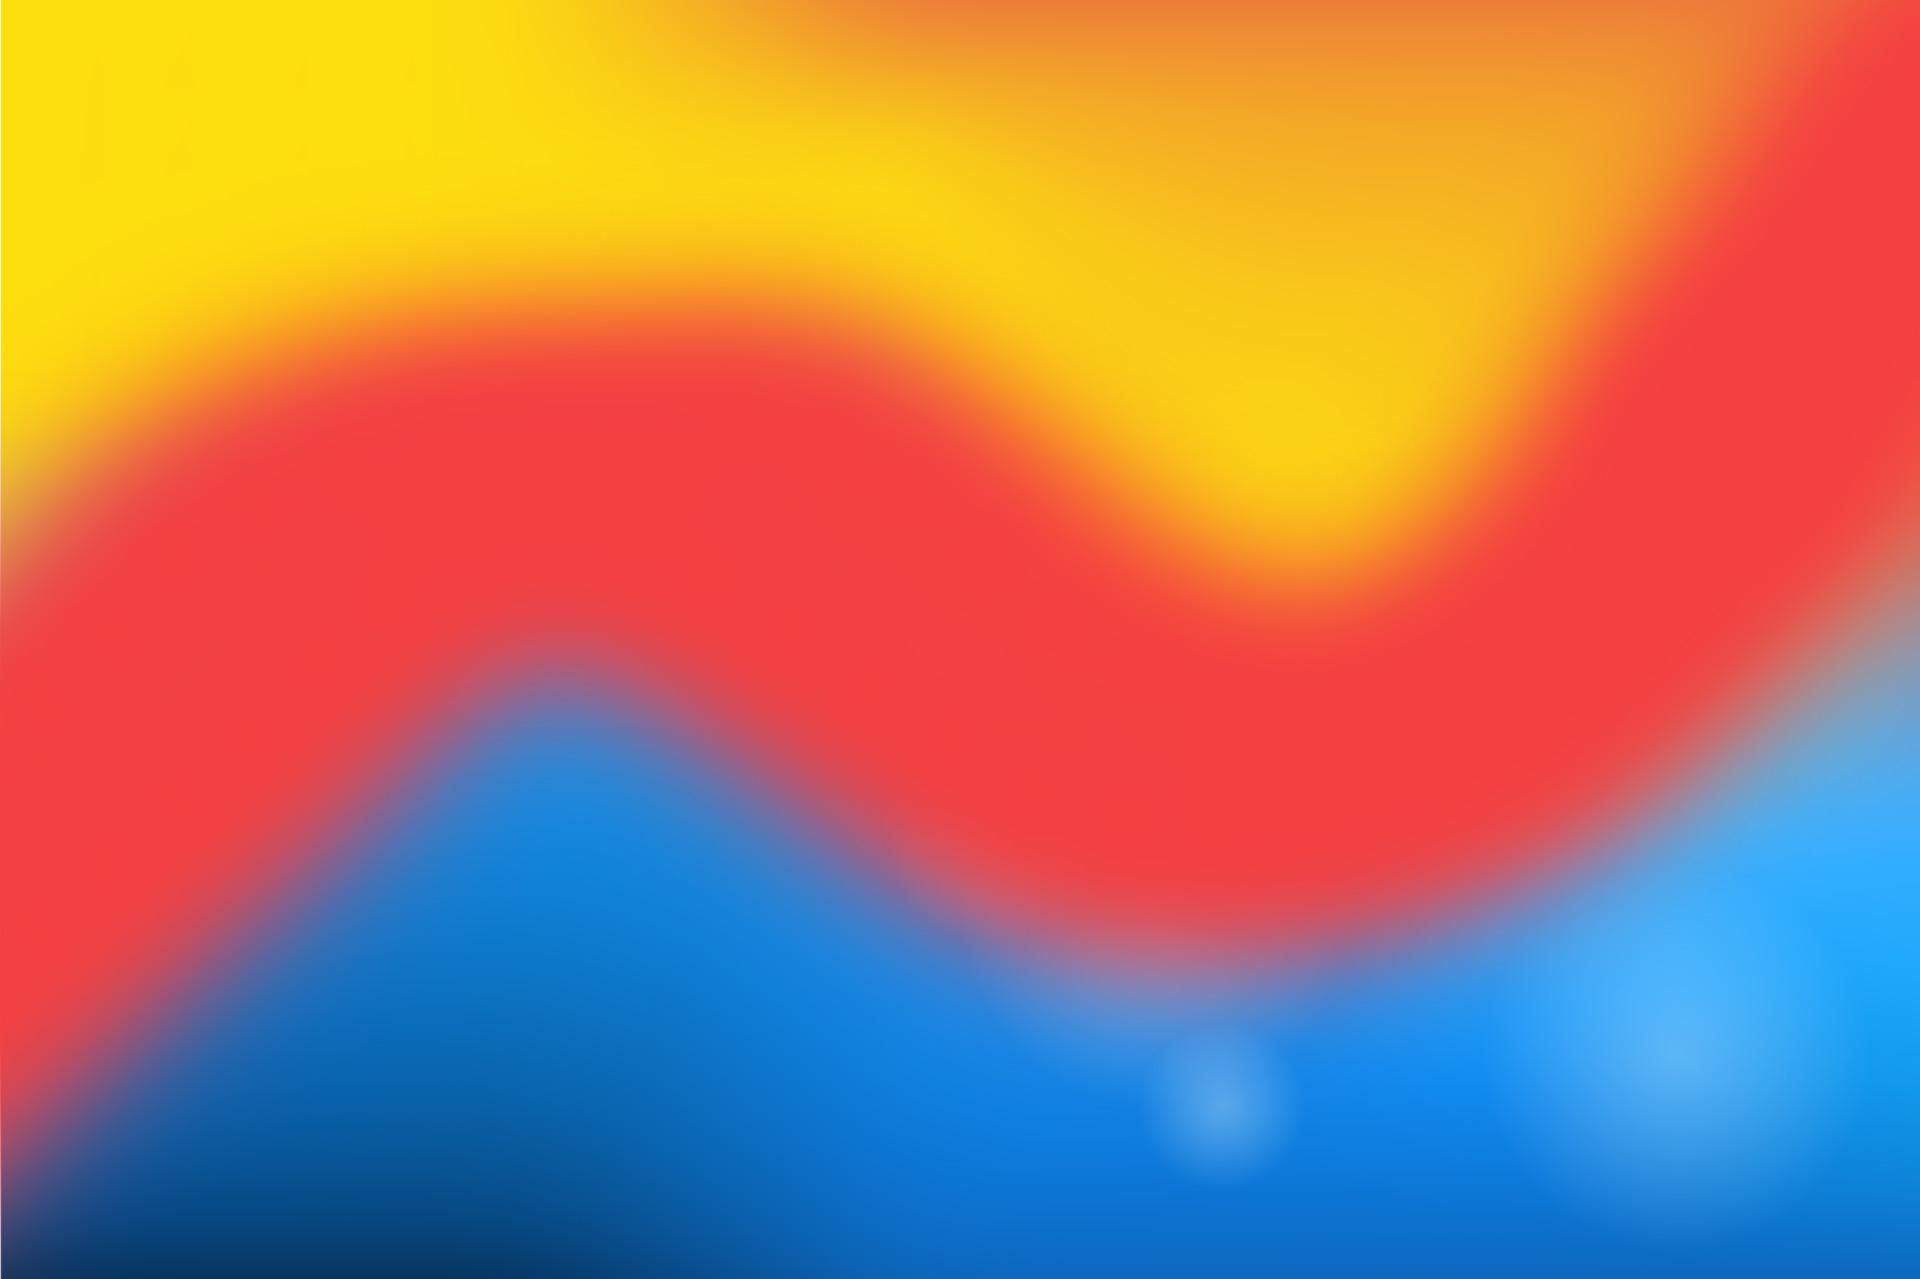 Bunter Hintergrund gelb, rot, blau